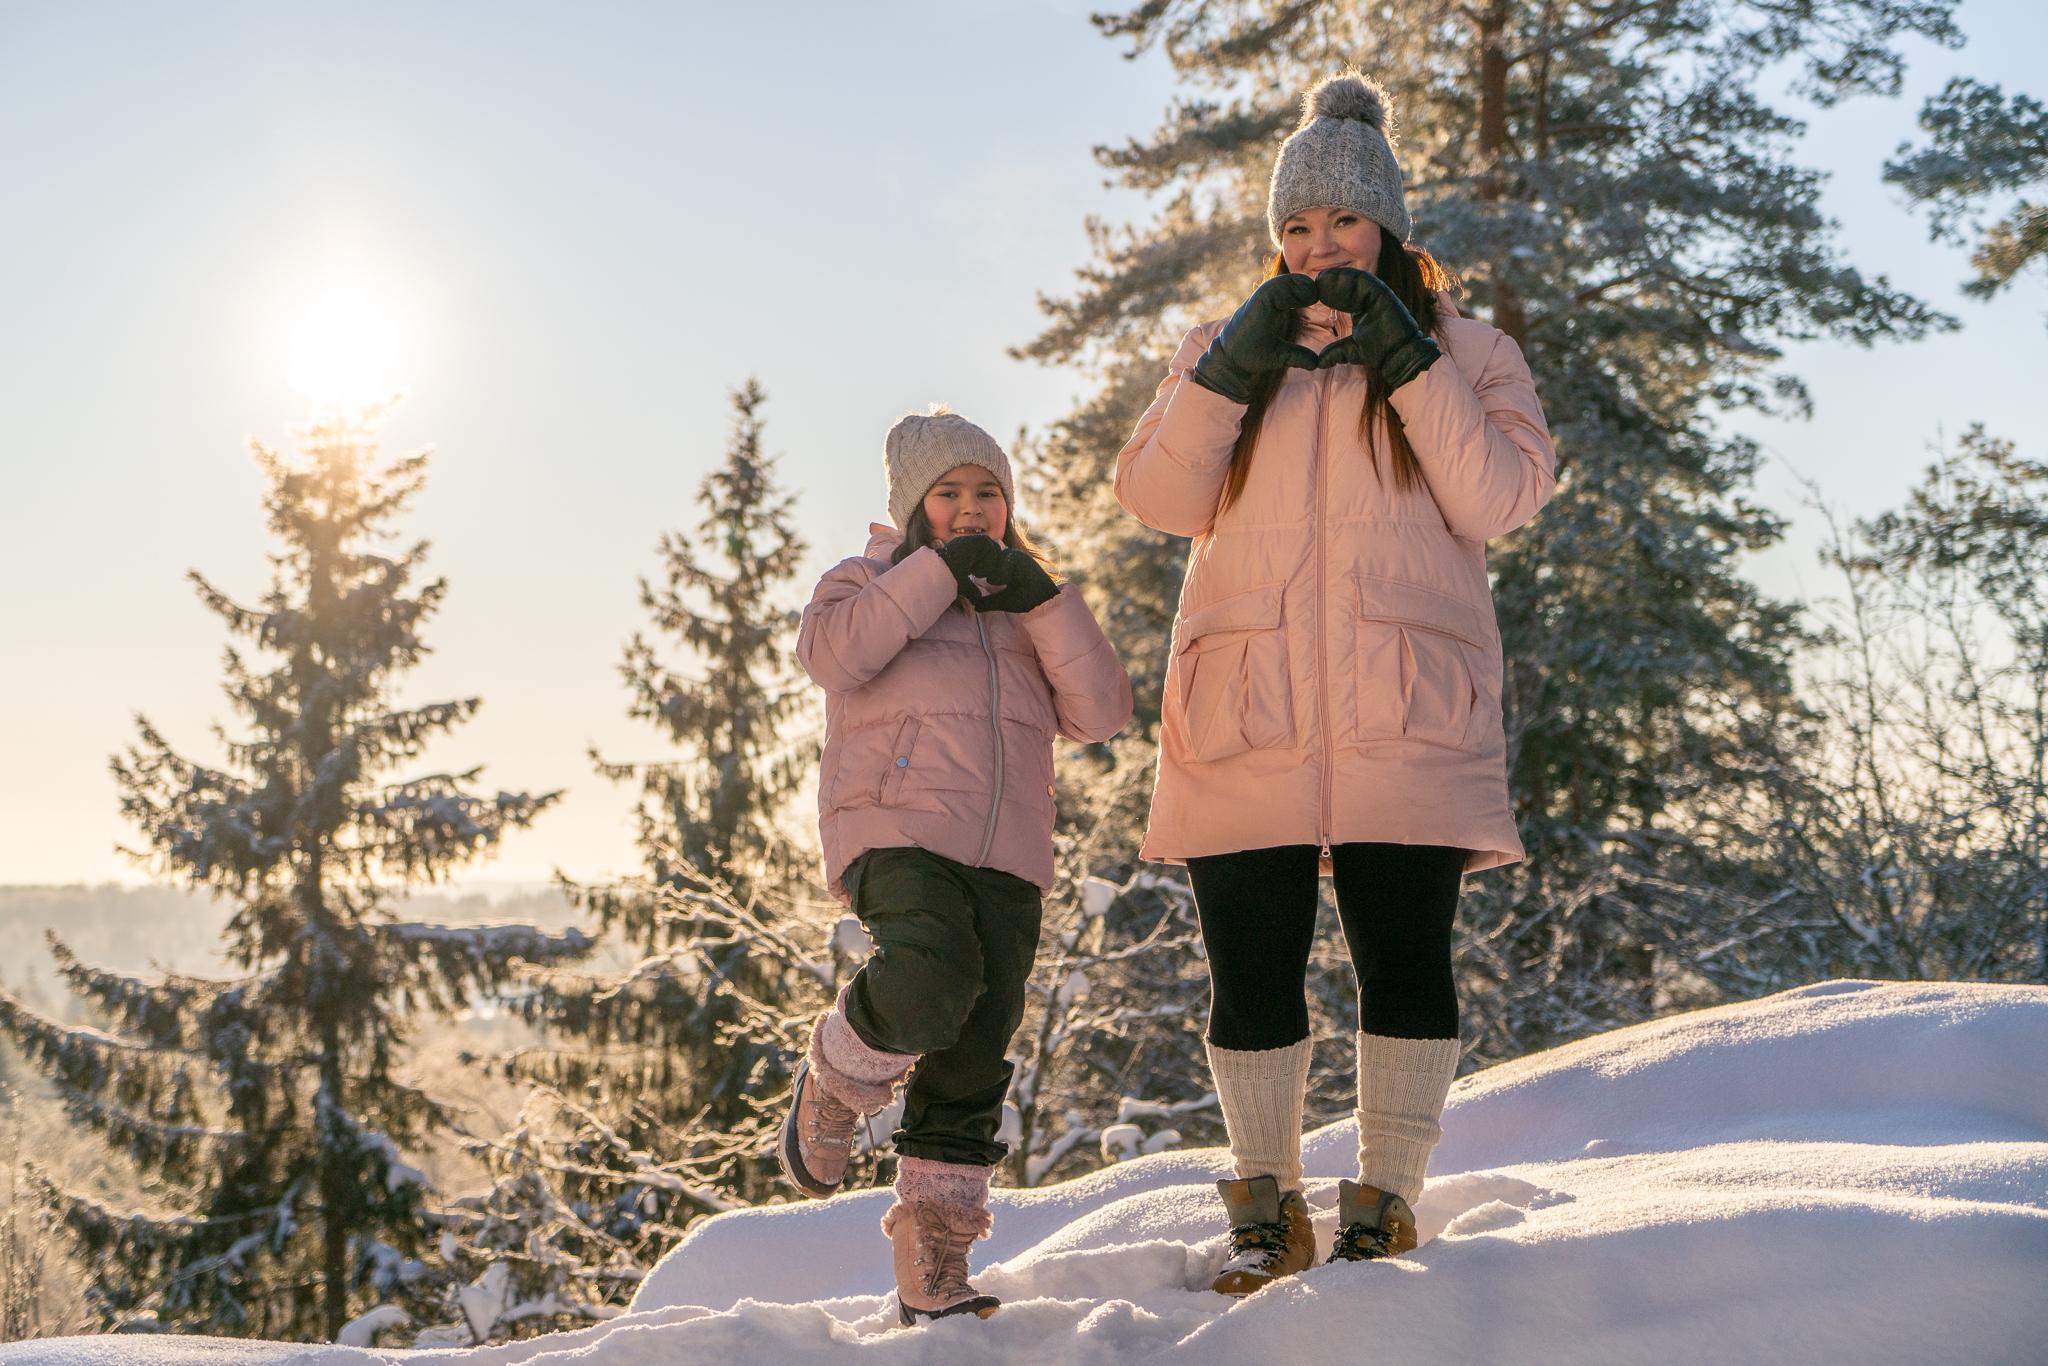 Oriveden kaupungin villasukkakoordinaattori Ulpu Aho tyttärensä Elifin kanssa aurinkoisena, talvisena päivänä Paltanmäellä.